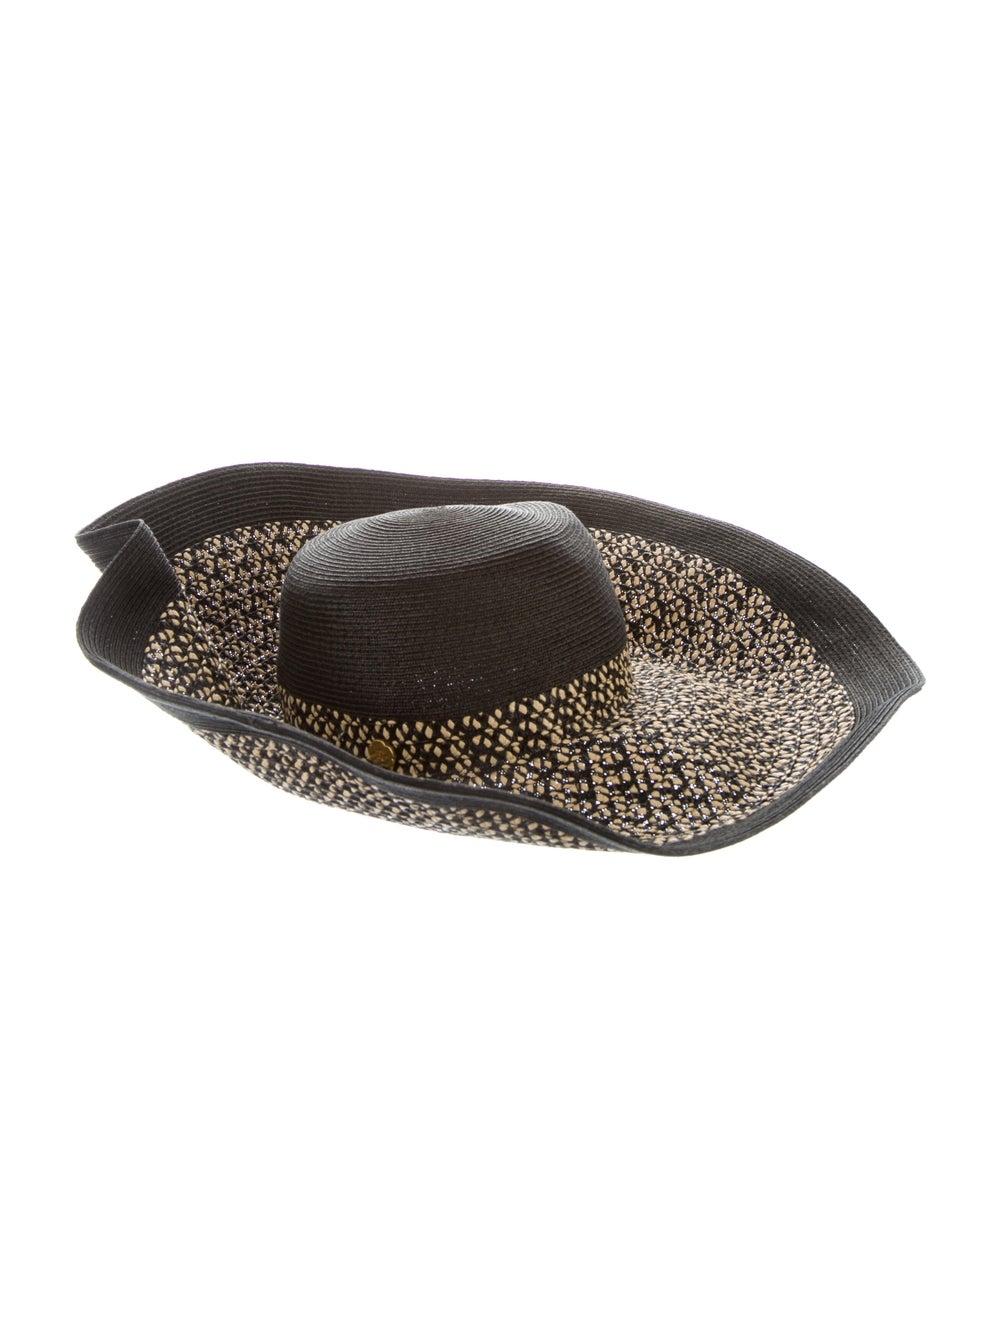 Eric Javits Wide Brim Straw Hat Natural - image 2